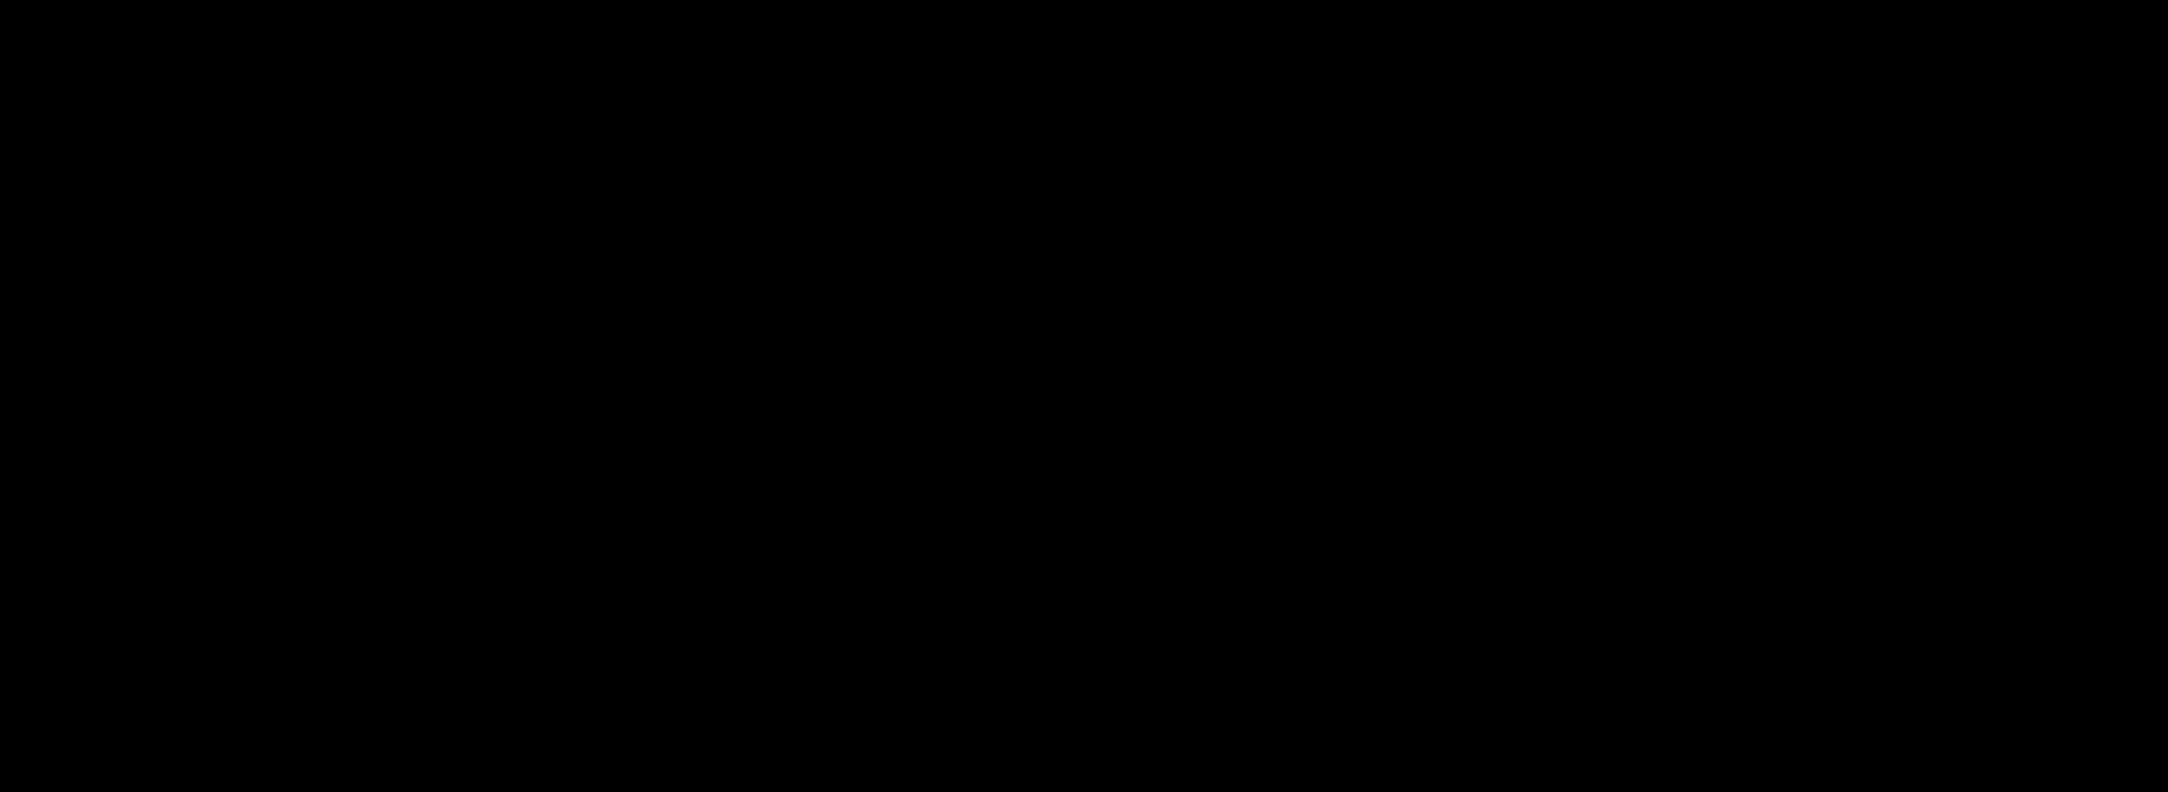 N-Biotinyl-12-aminododecanoic acid